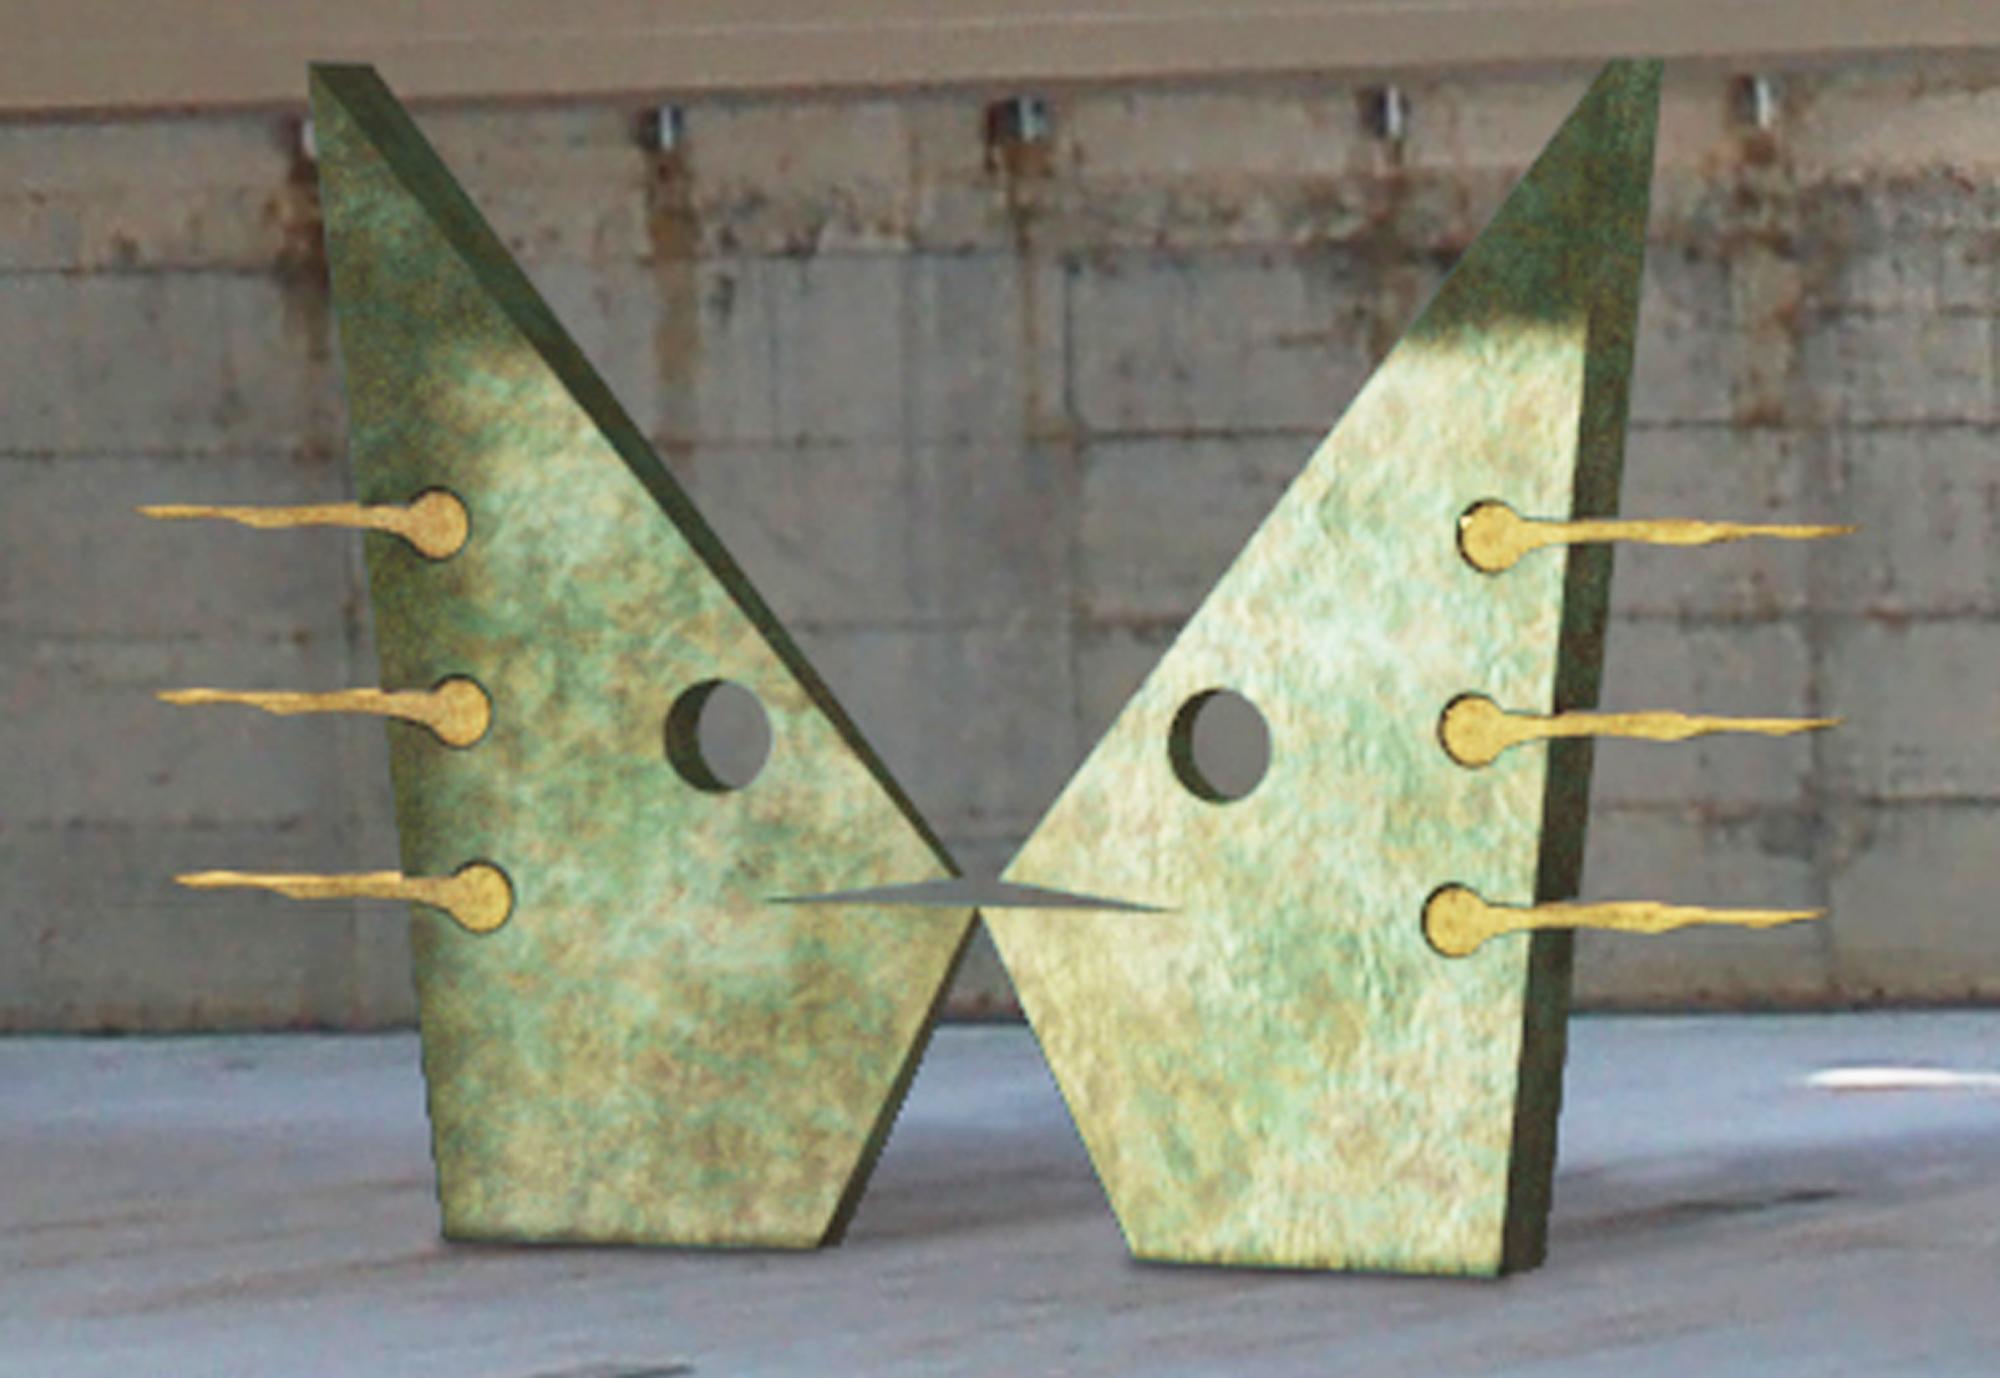 maurizio-balducci-artista-contemporaneo-installazioni-19